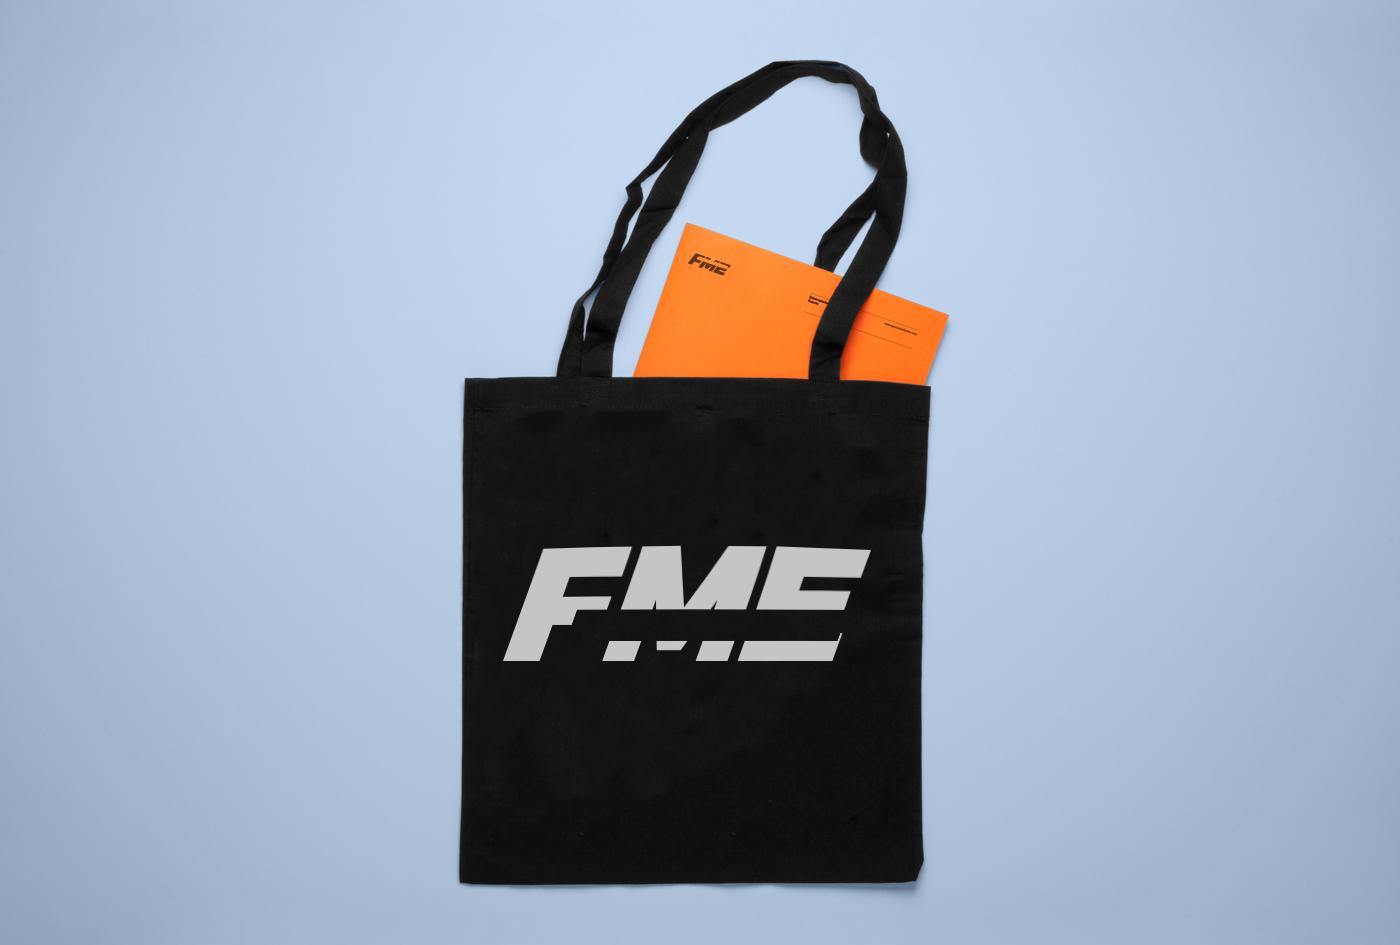 FME_Bag_1400